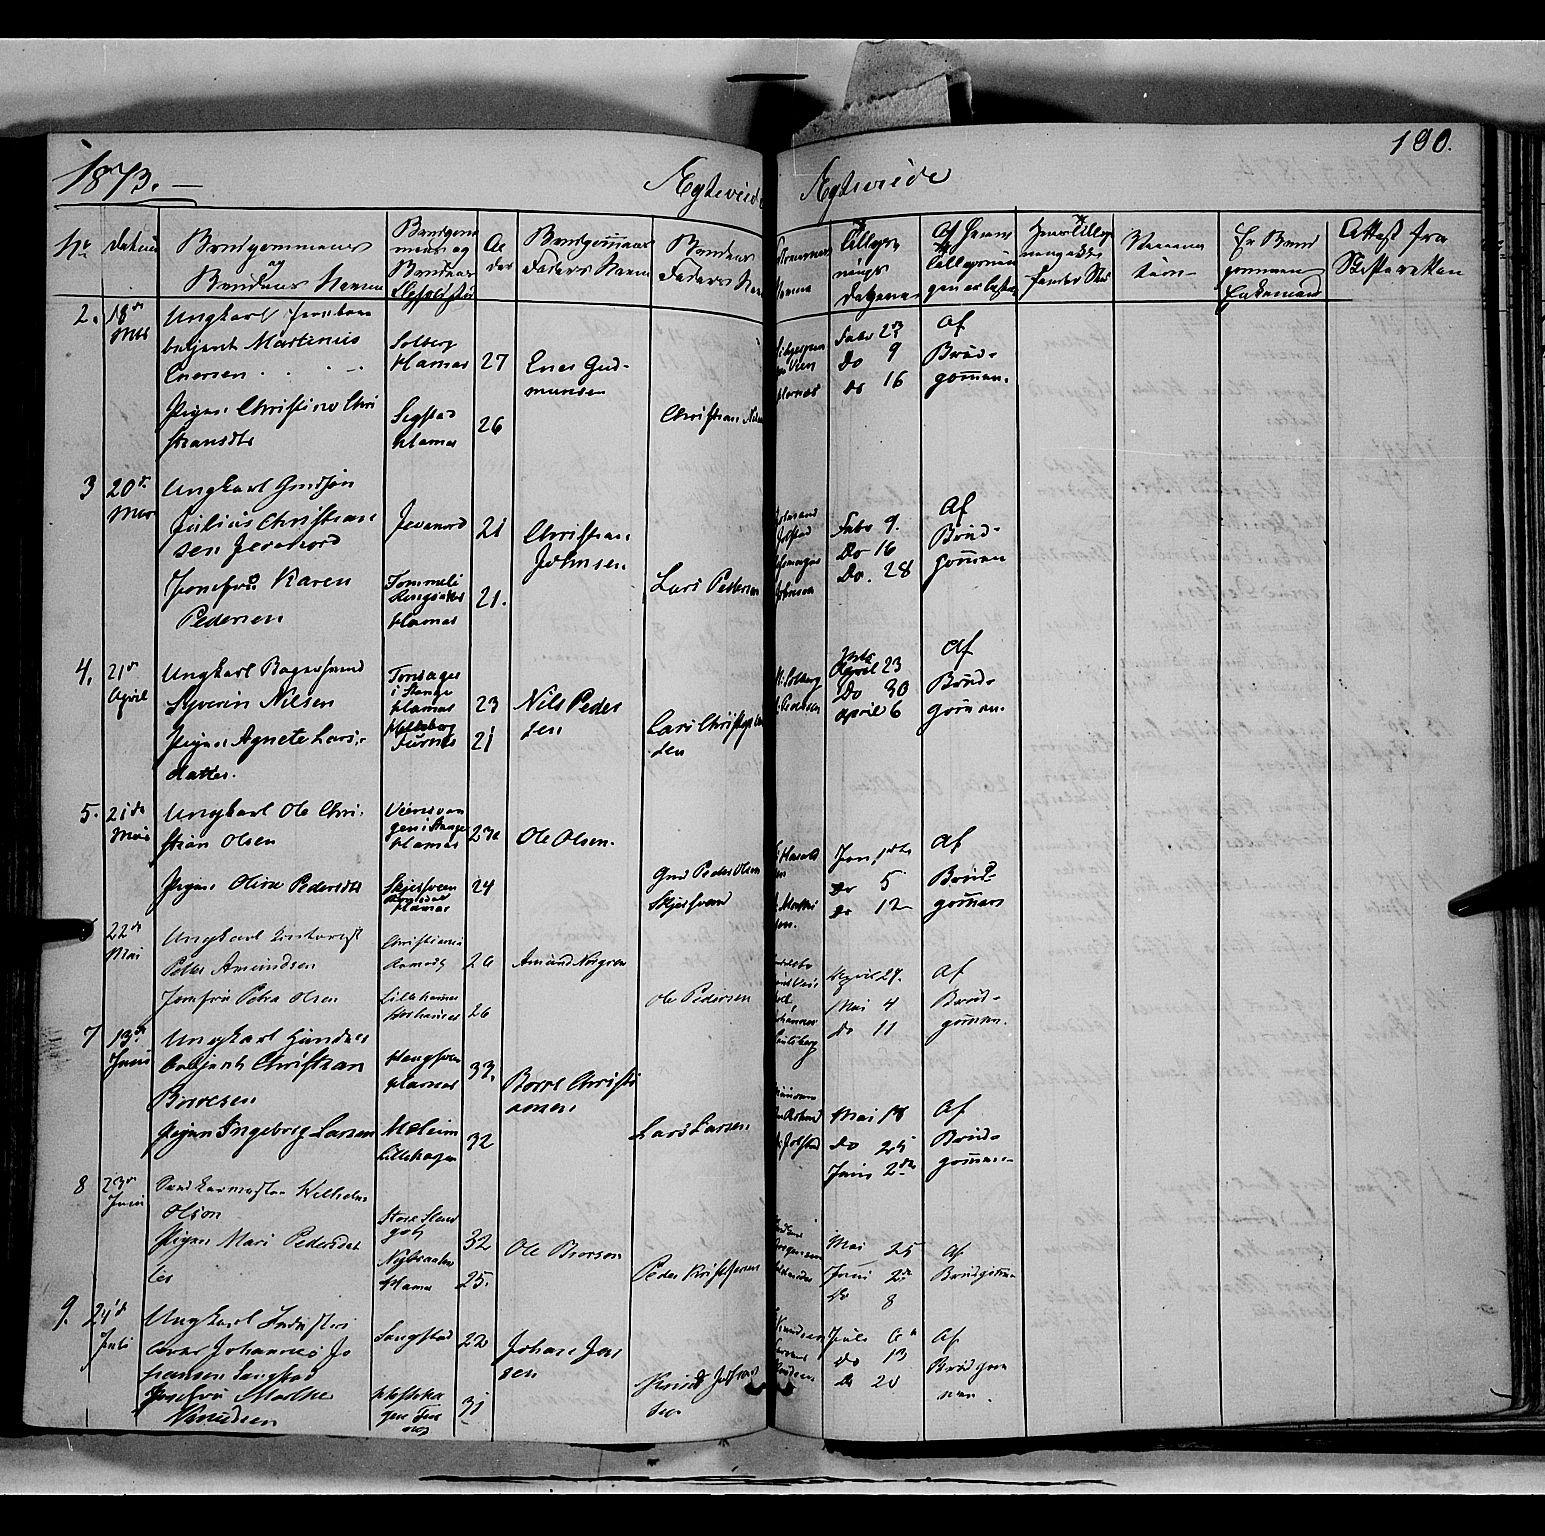 SAH, Vang prestekontor, Hedmark, H/Ha/Haa/L0011: Ministerialbok nr. 11, 1852-1877, s. 190